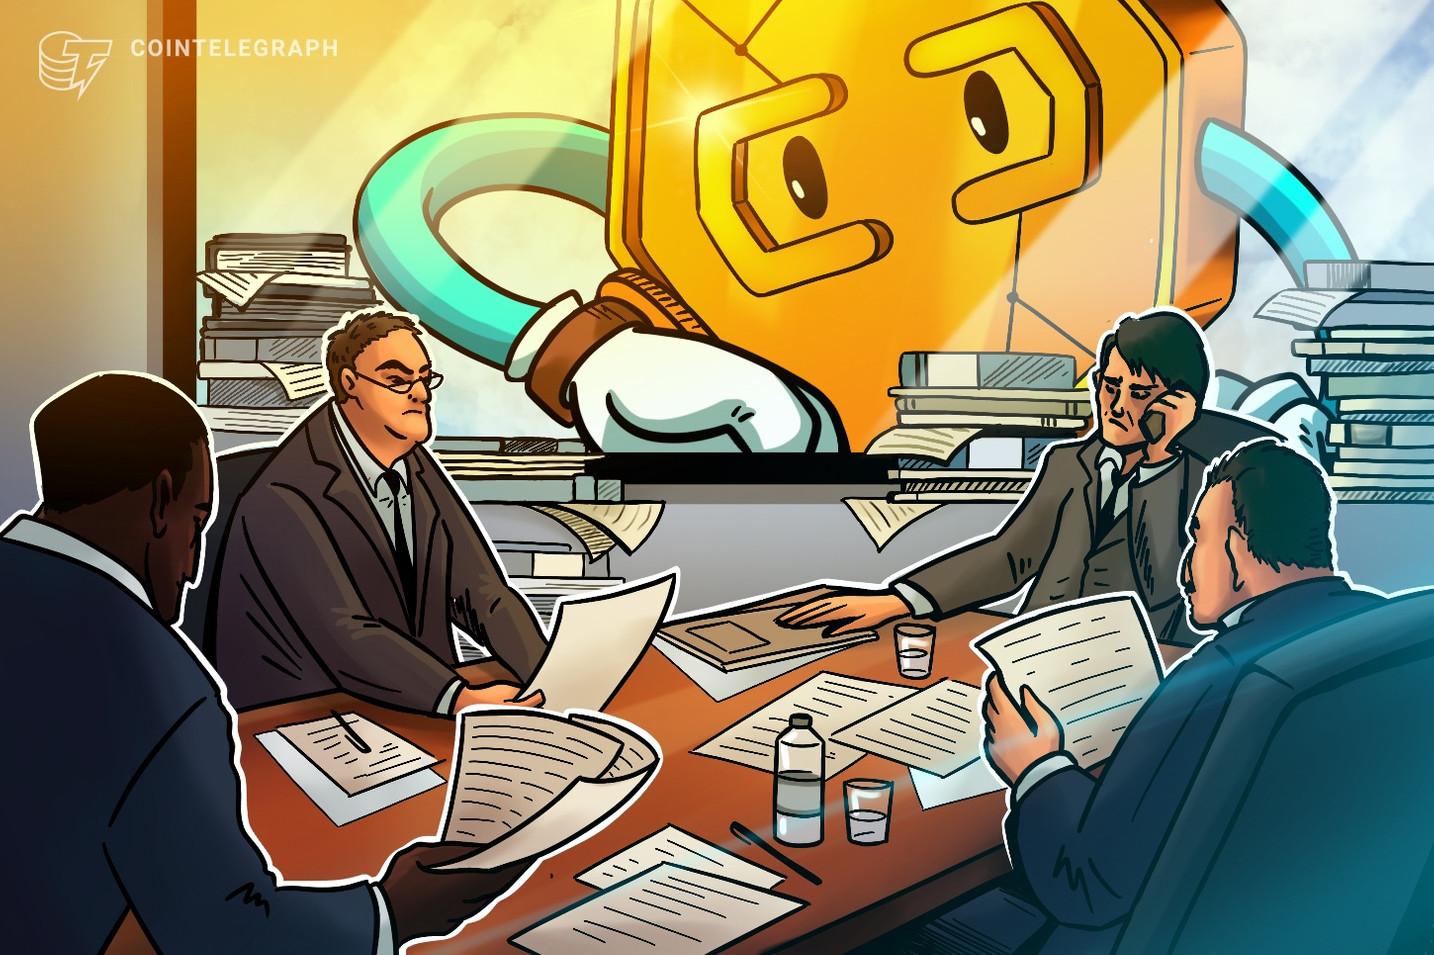 米カリフォルニア州、新しい法案でデジタル資産は「証券」ではないと推定